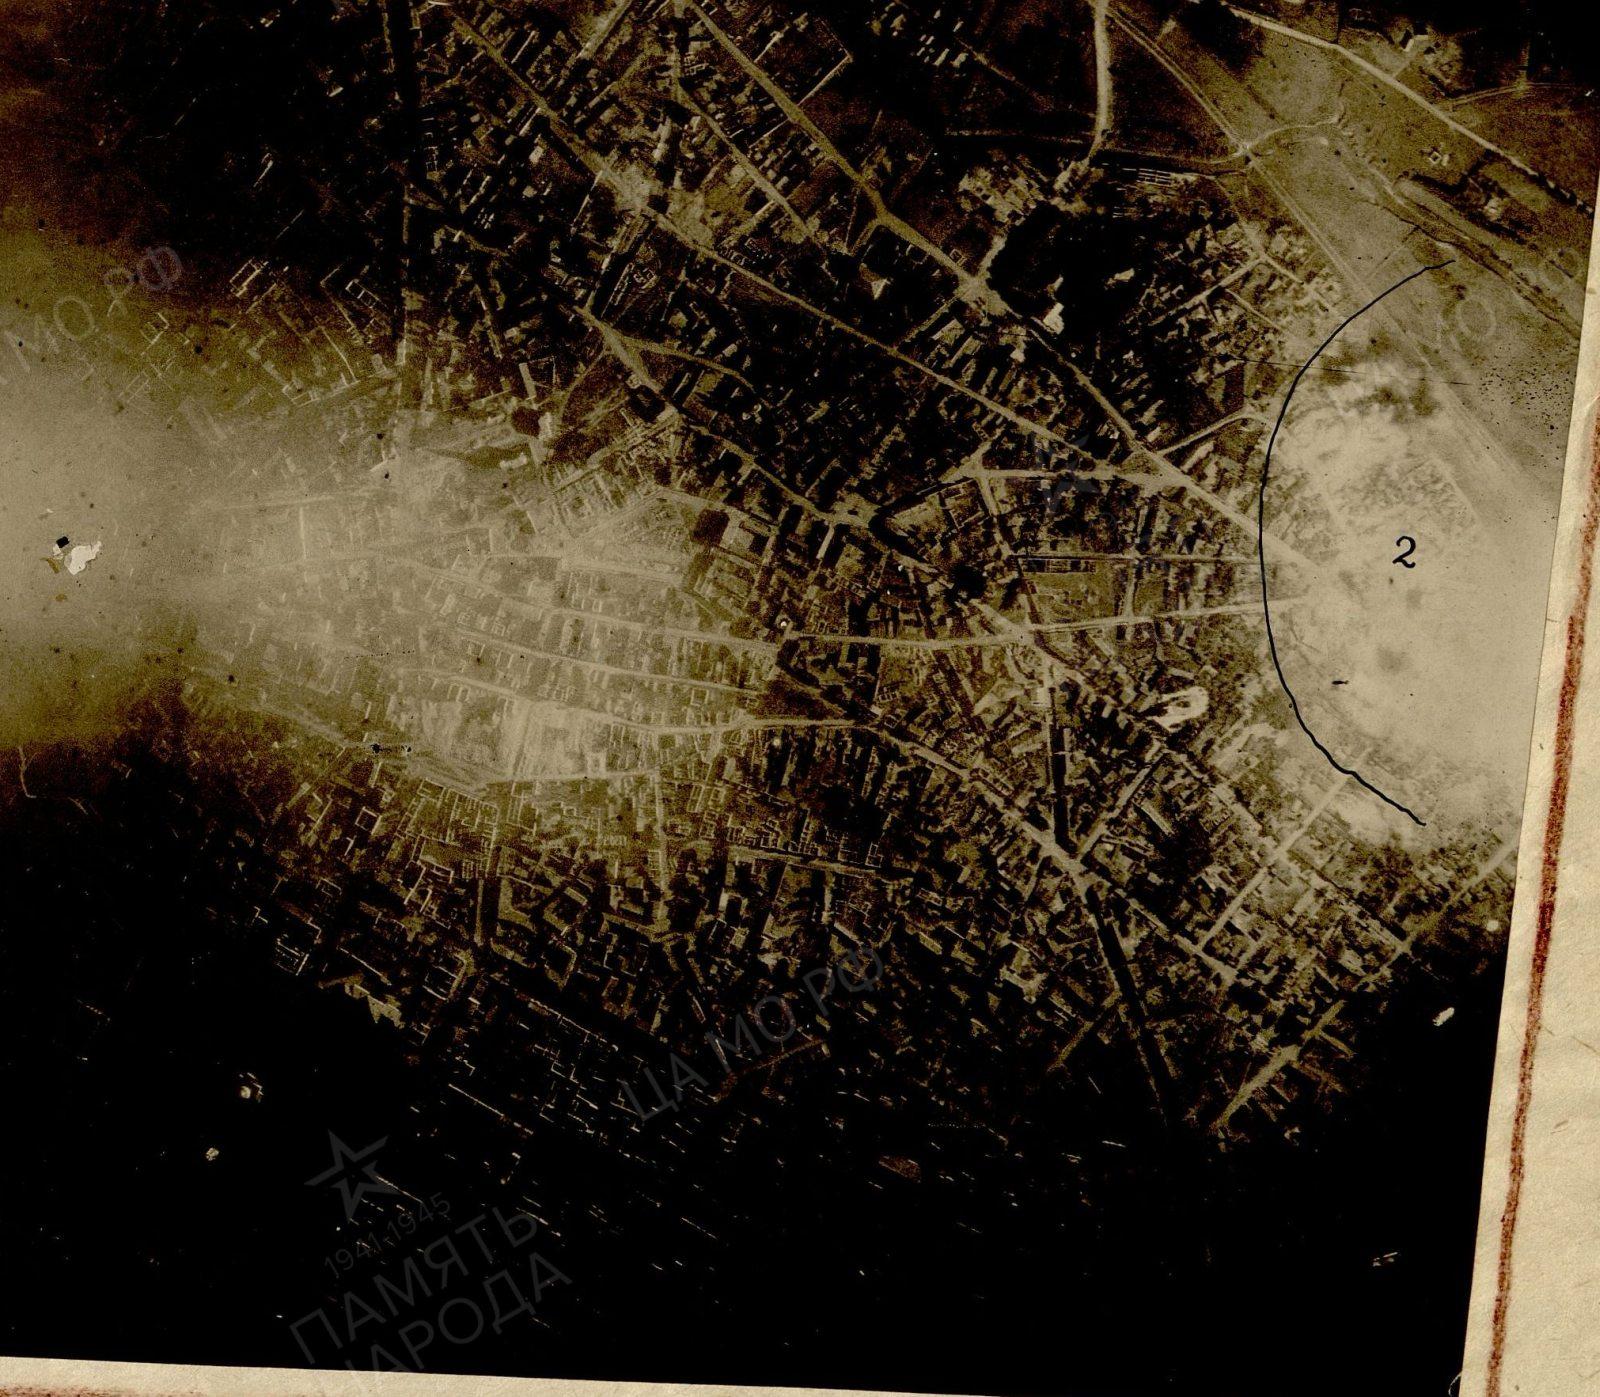 Фрагмент фотосхемы. Цифрой отмечены взрывы авиабомб примерно в районе нынешних улиц Александри и Албишоара.